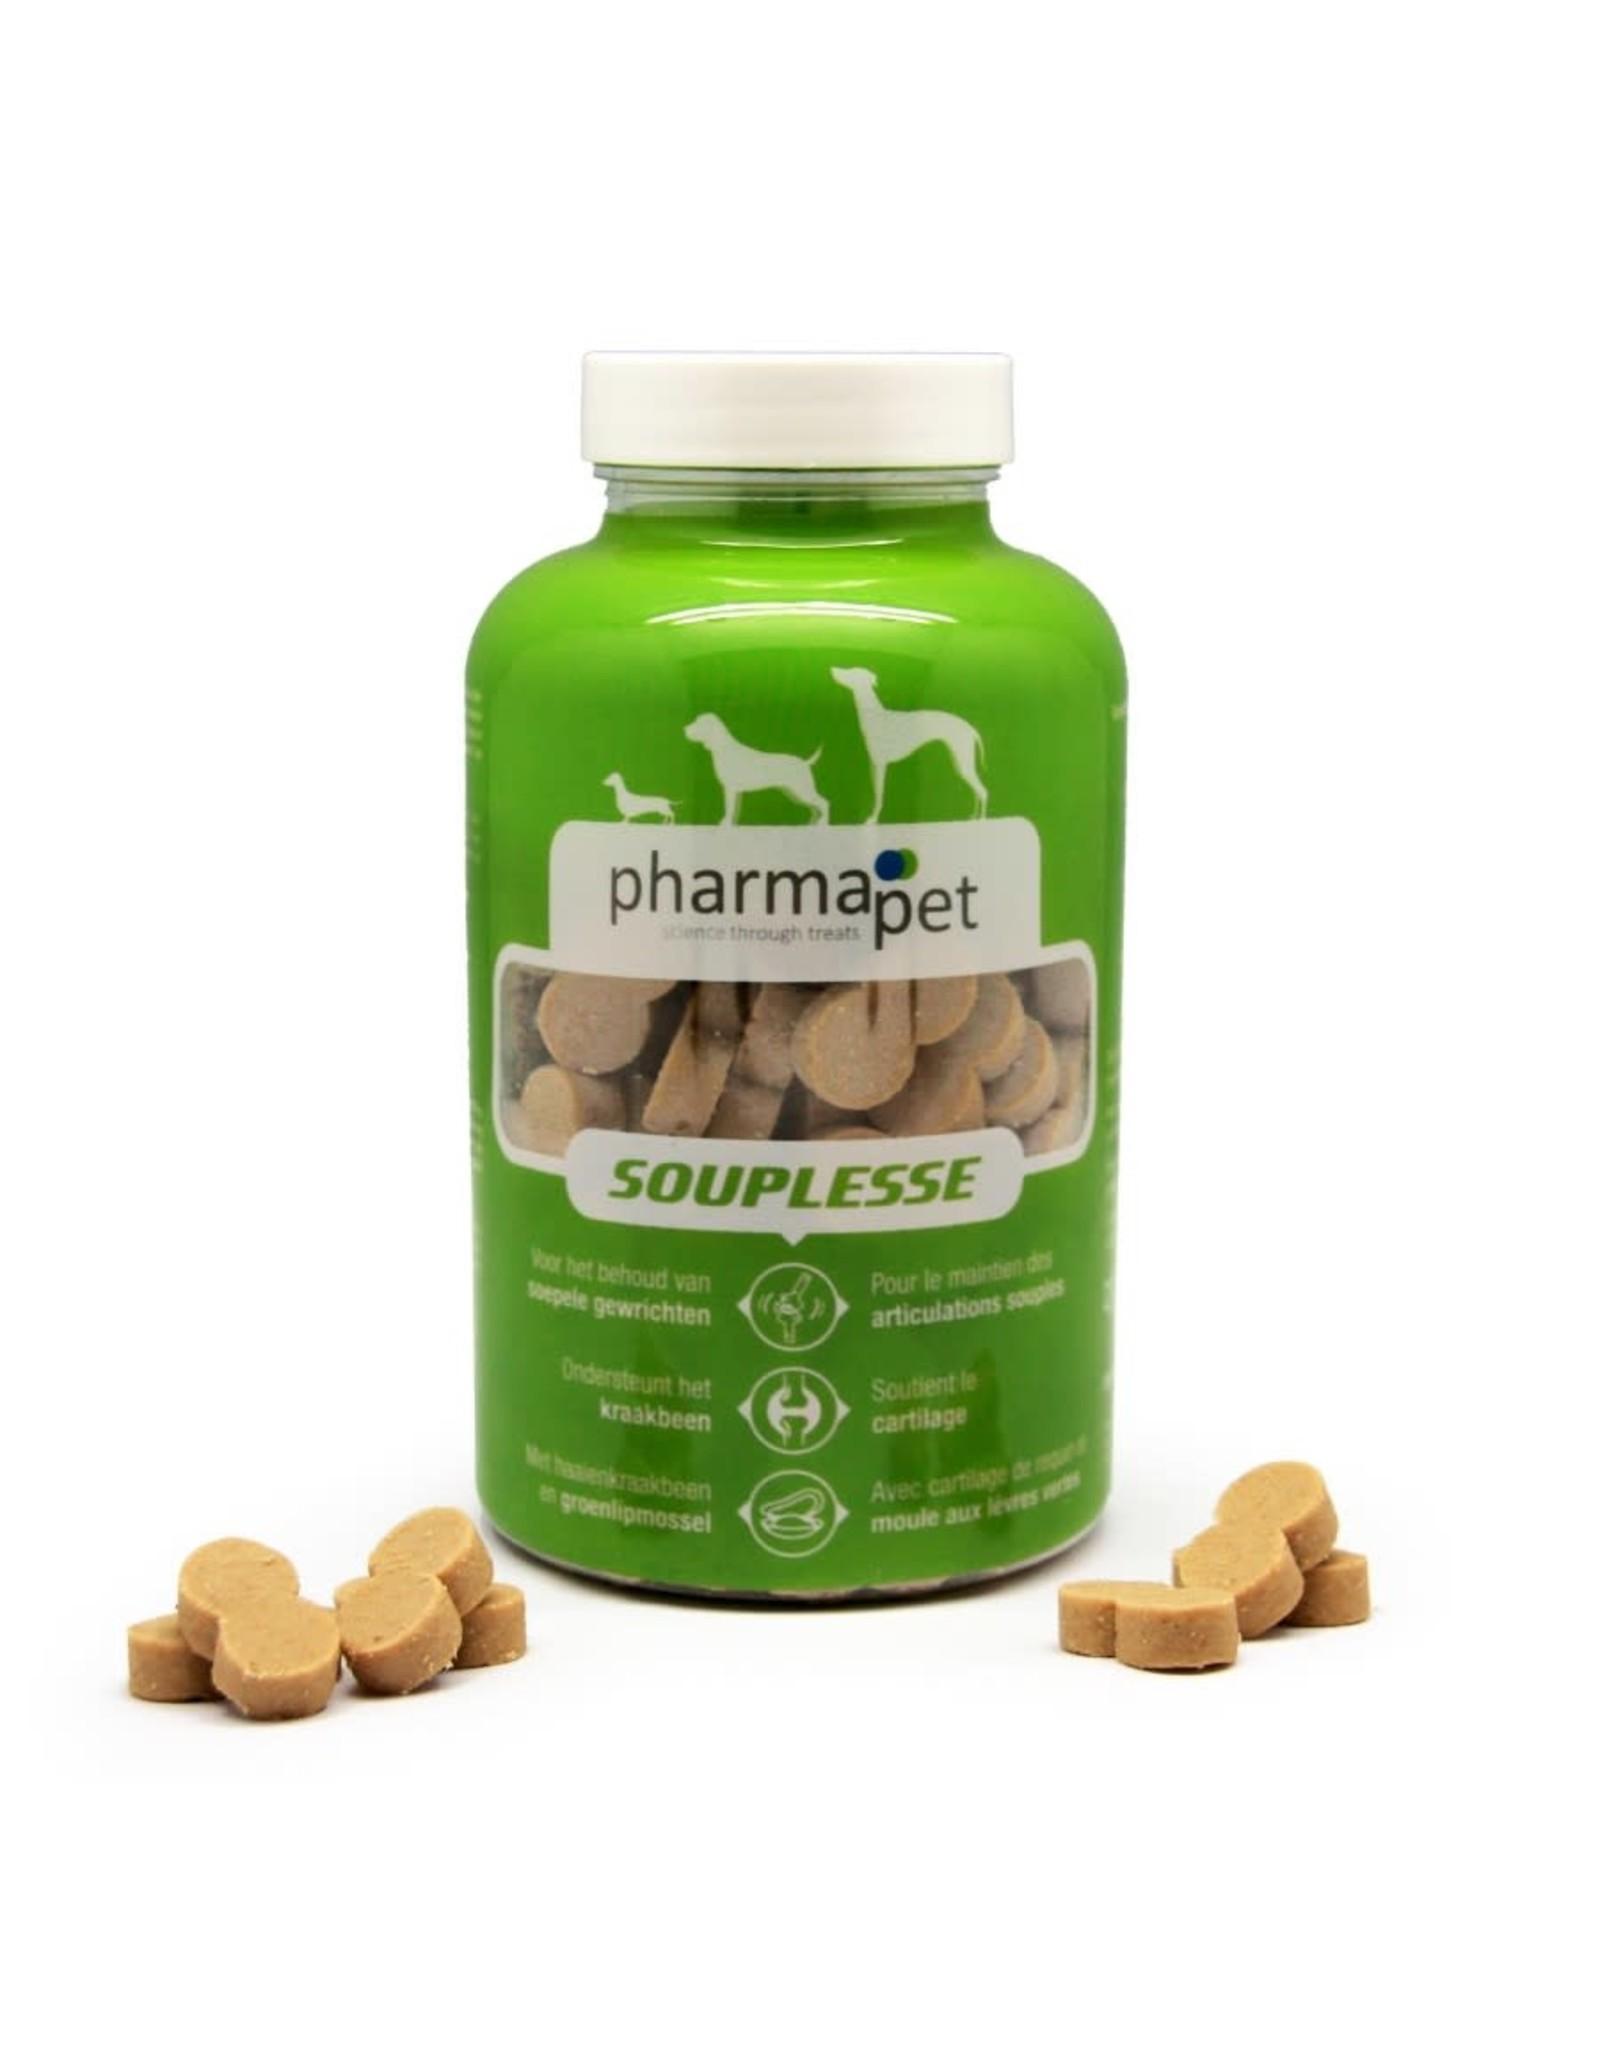 Pharmapet PharmaPet Souplesse